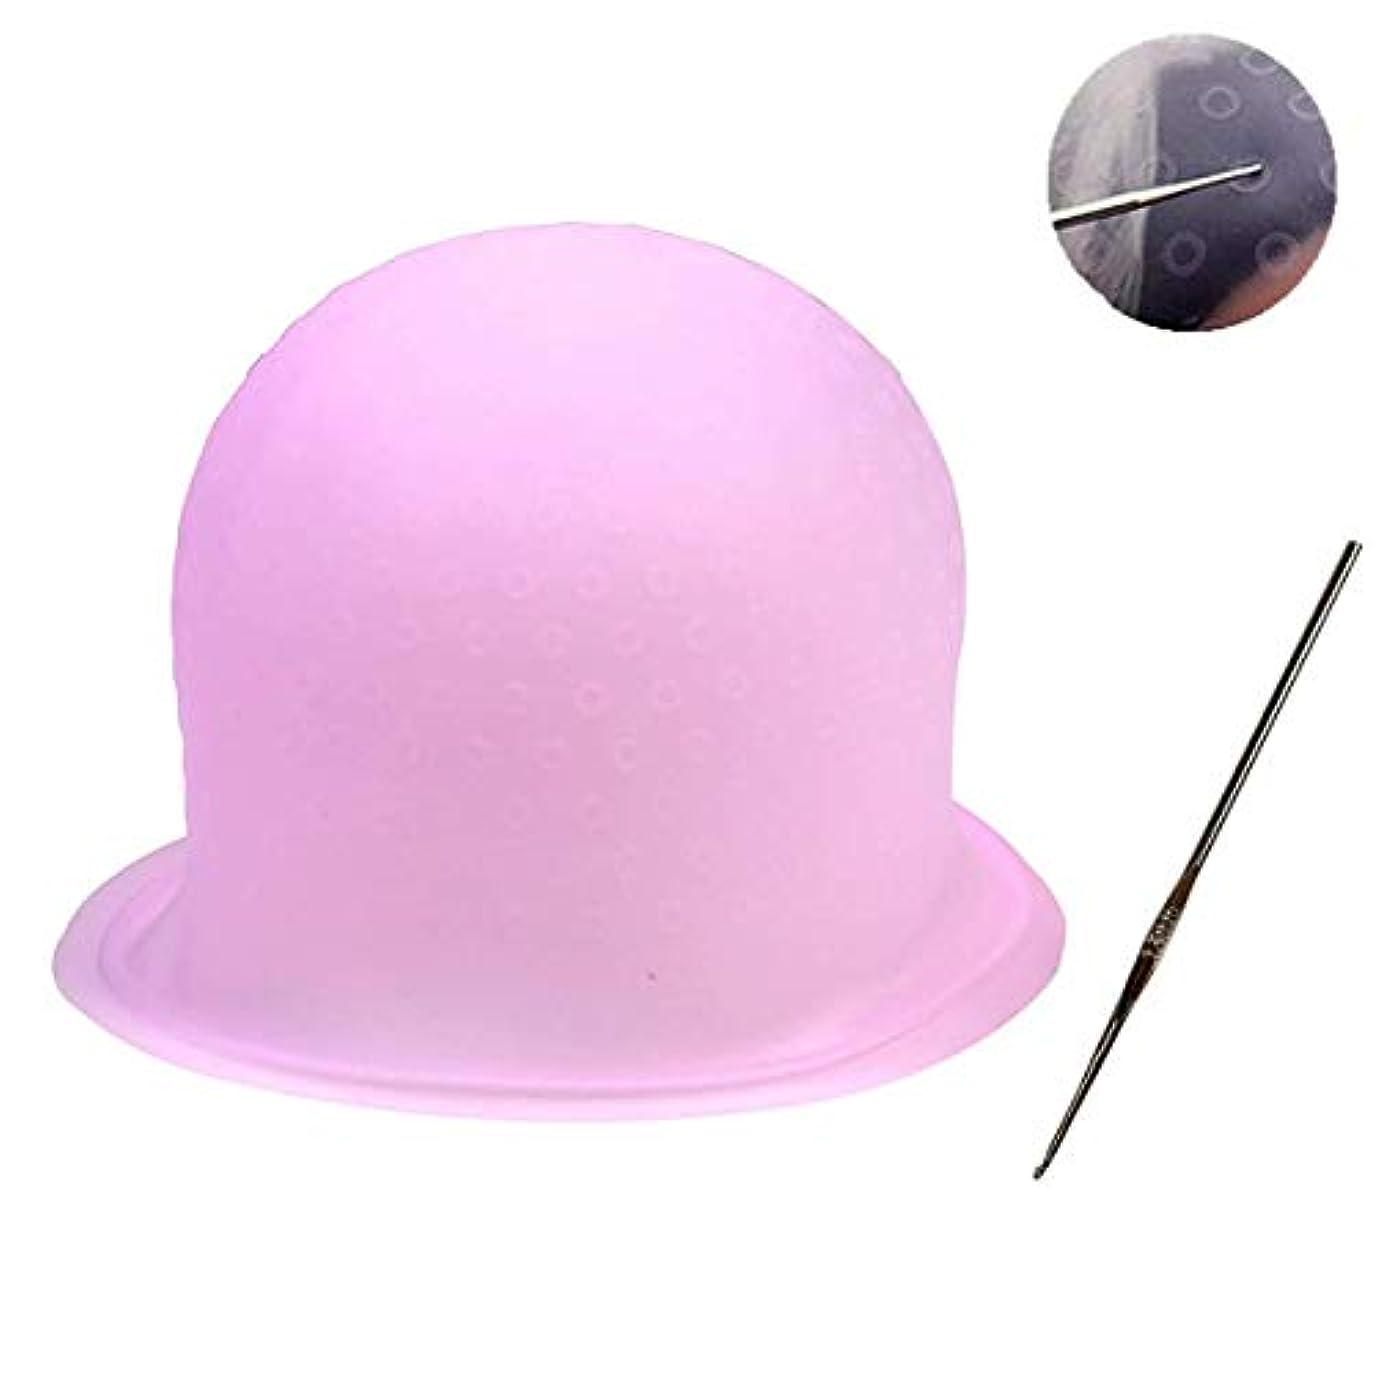 改修するに慣れ表面的な毛染めキャップ 毛染め ハイライトキャップ ブリーチ 髪 シリコン素材 カラーリング 不要な染めを避ける 洗って使える(ピンク)